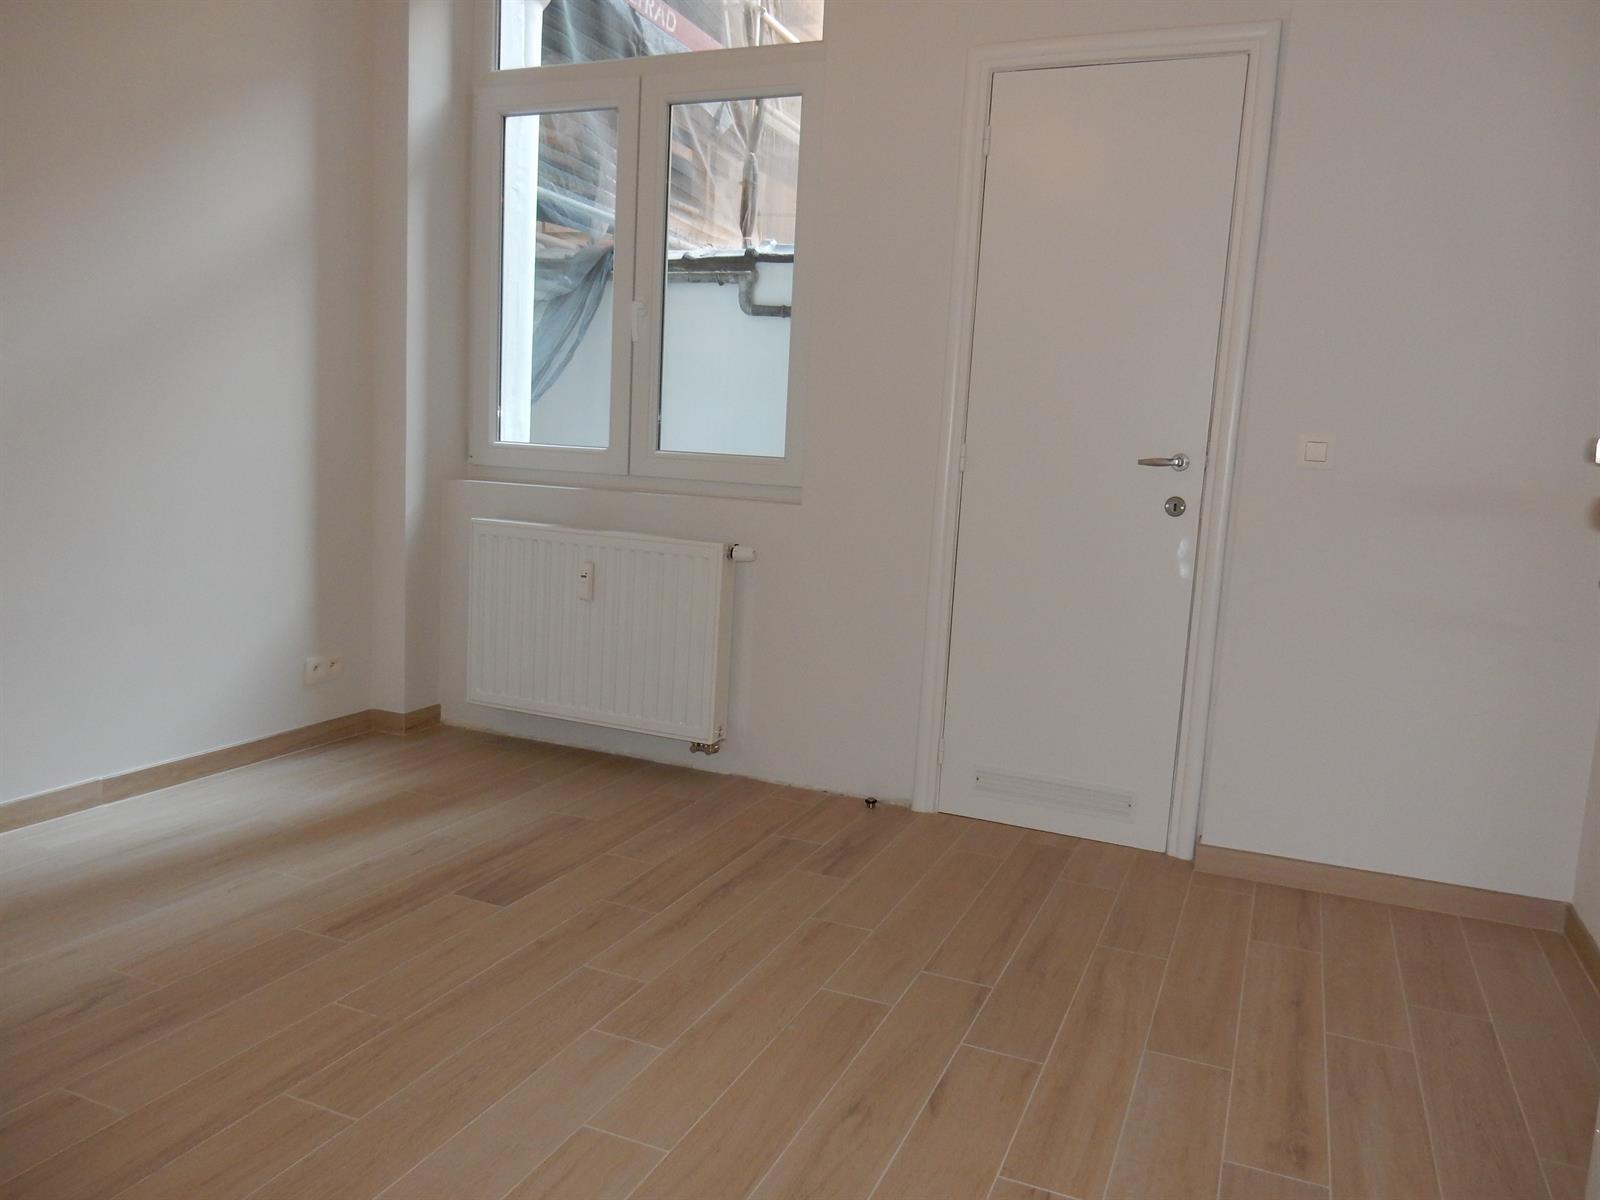 Gelijkvloerse verdieping - Bruxelles - #4137613-8